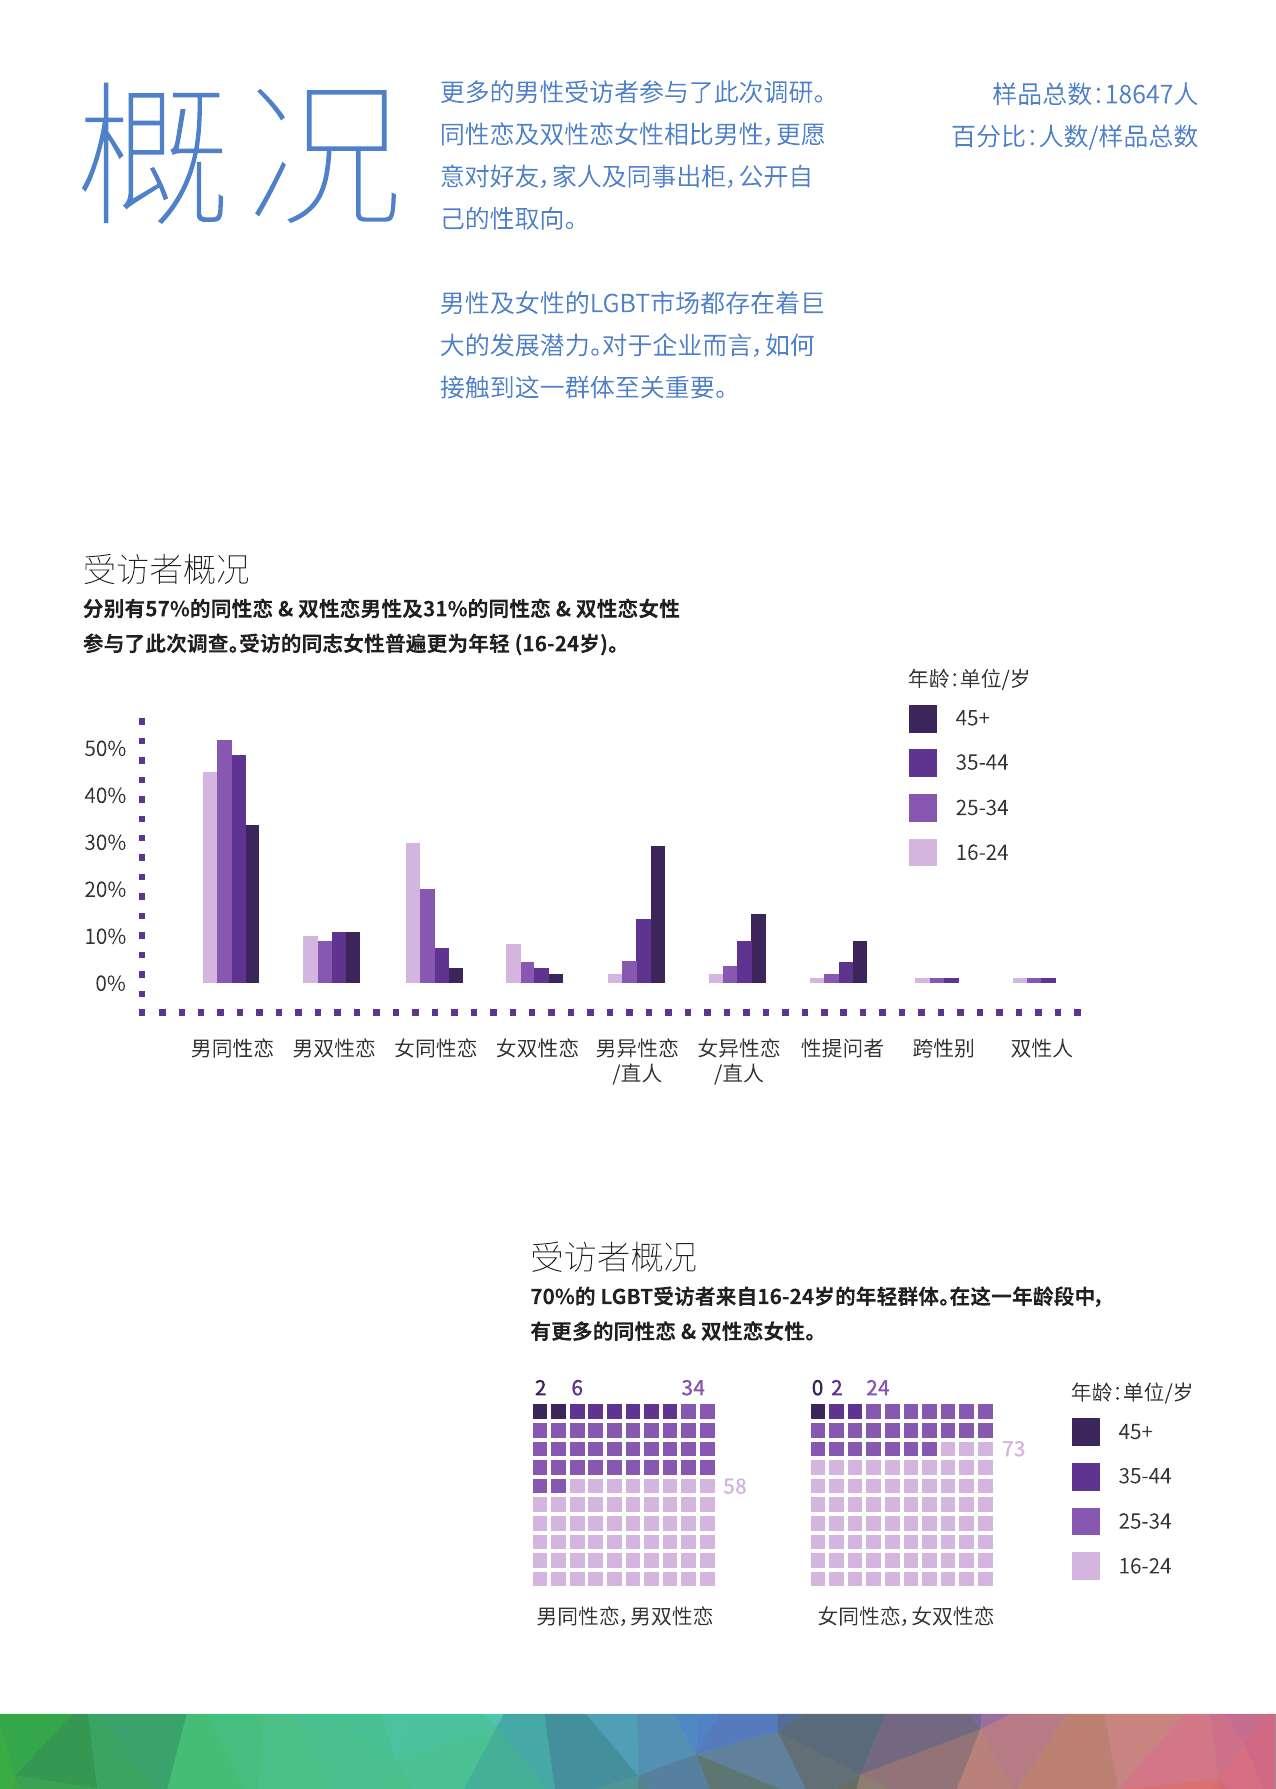 中国LGBT群体生活消费调查报告_000004